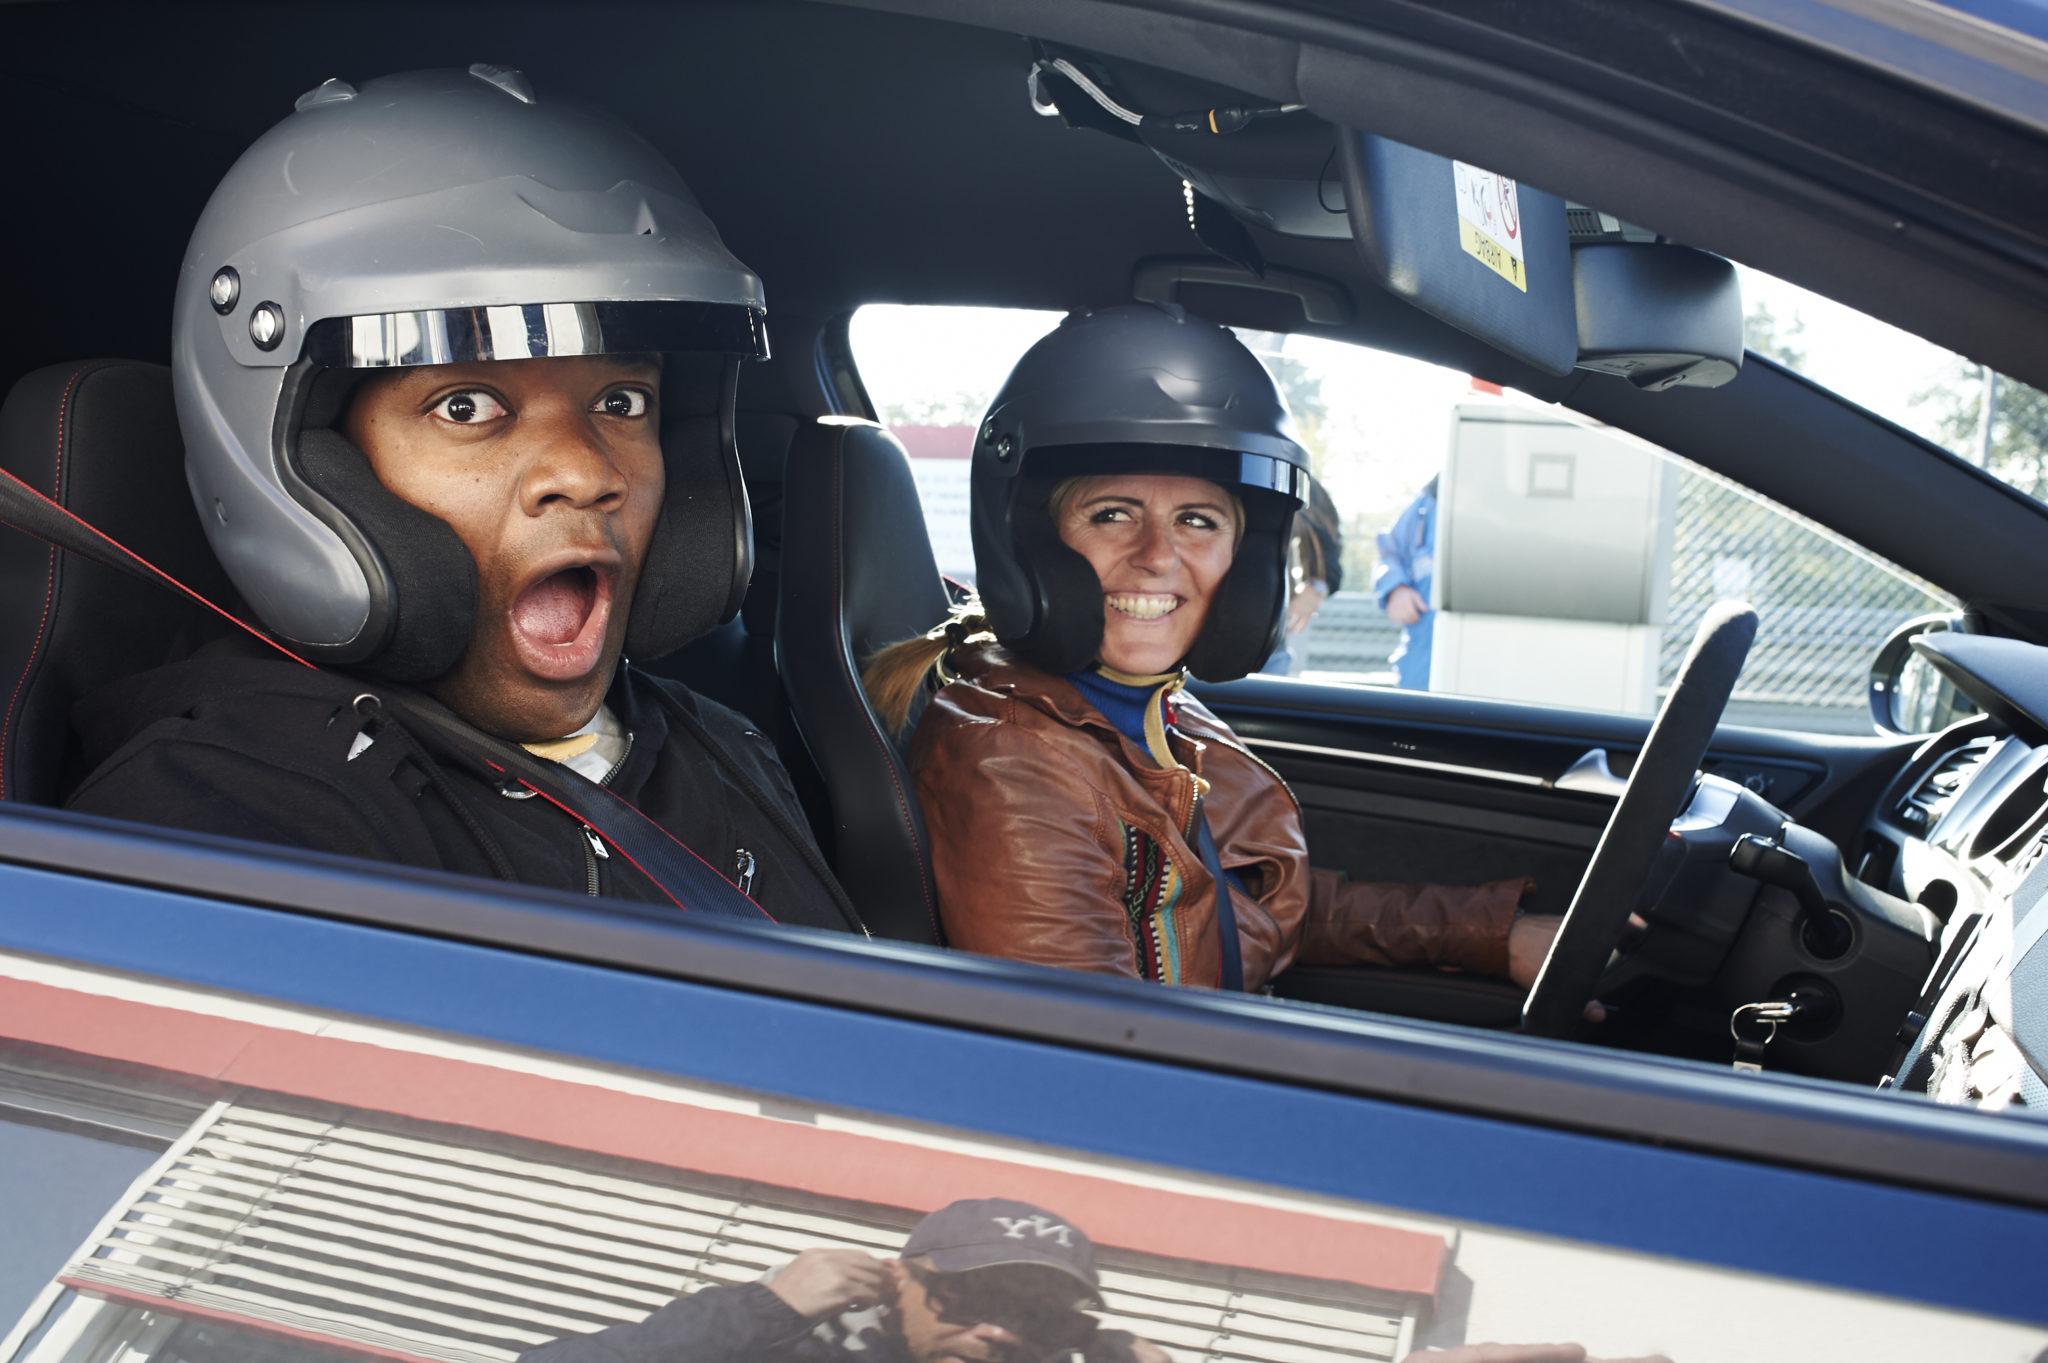 Czarnoskóry mężczyzna w kasku na fotelu pasażera, a obok kobieta w kasku